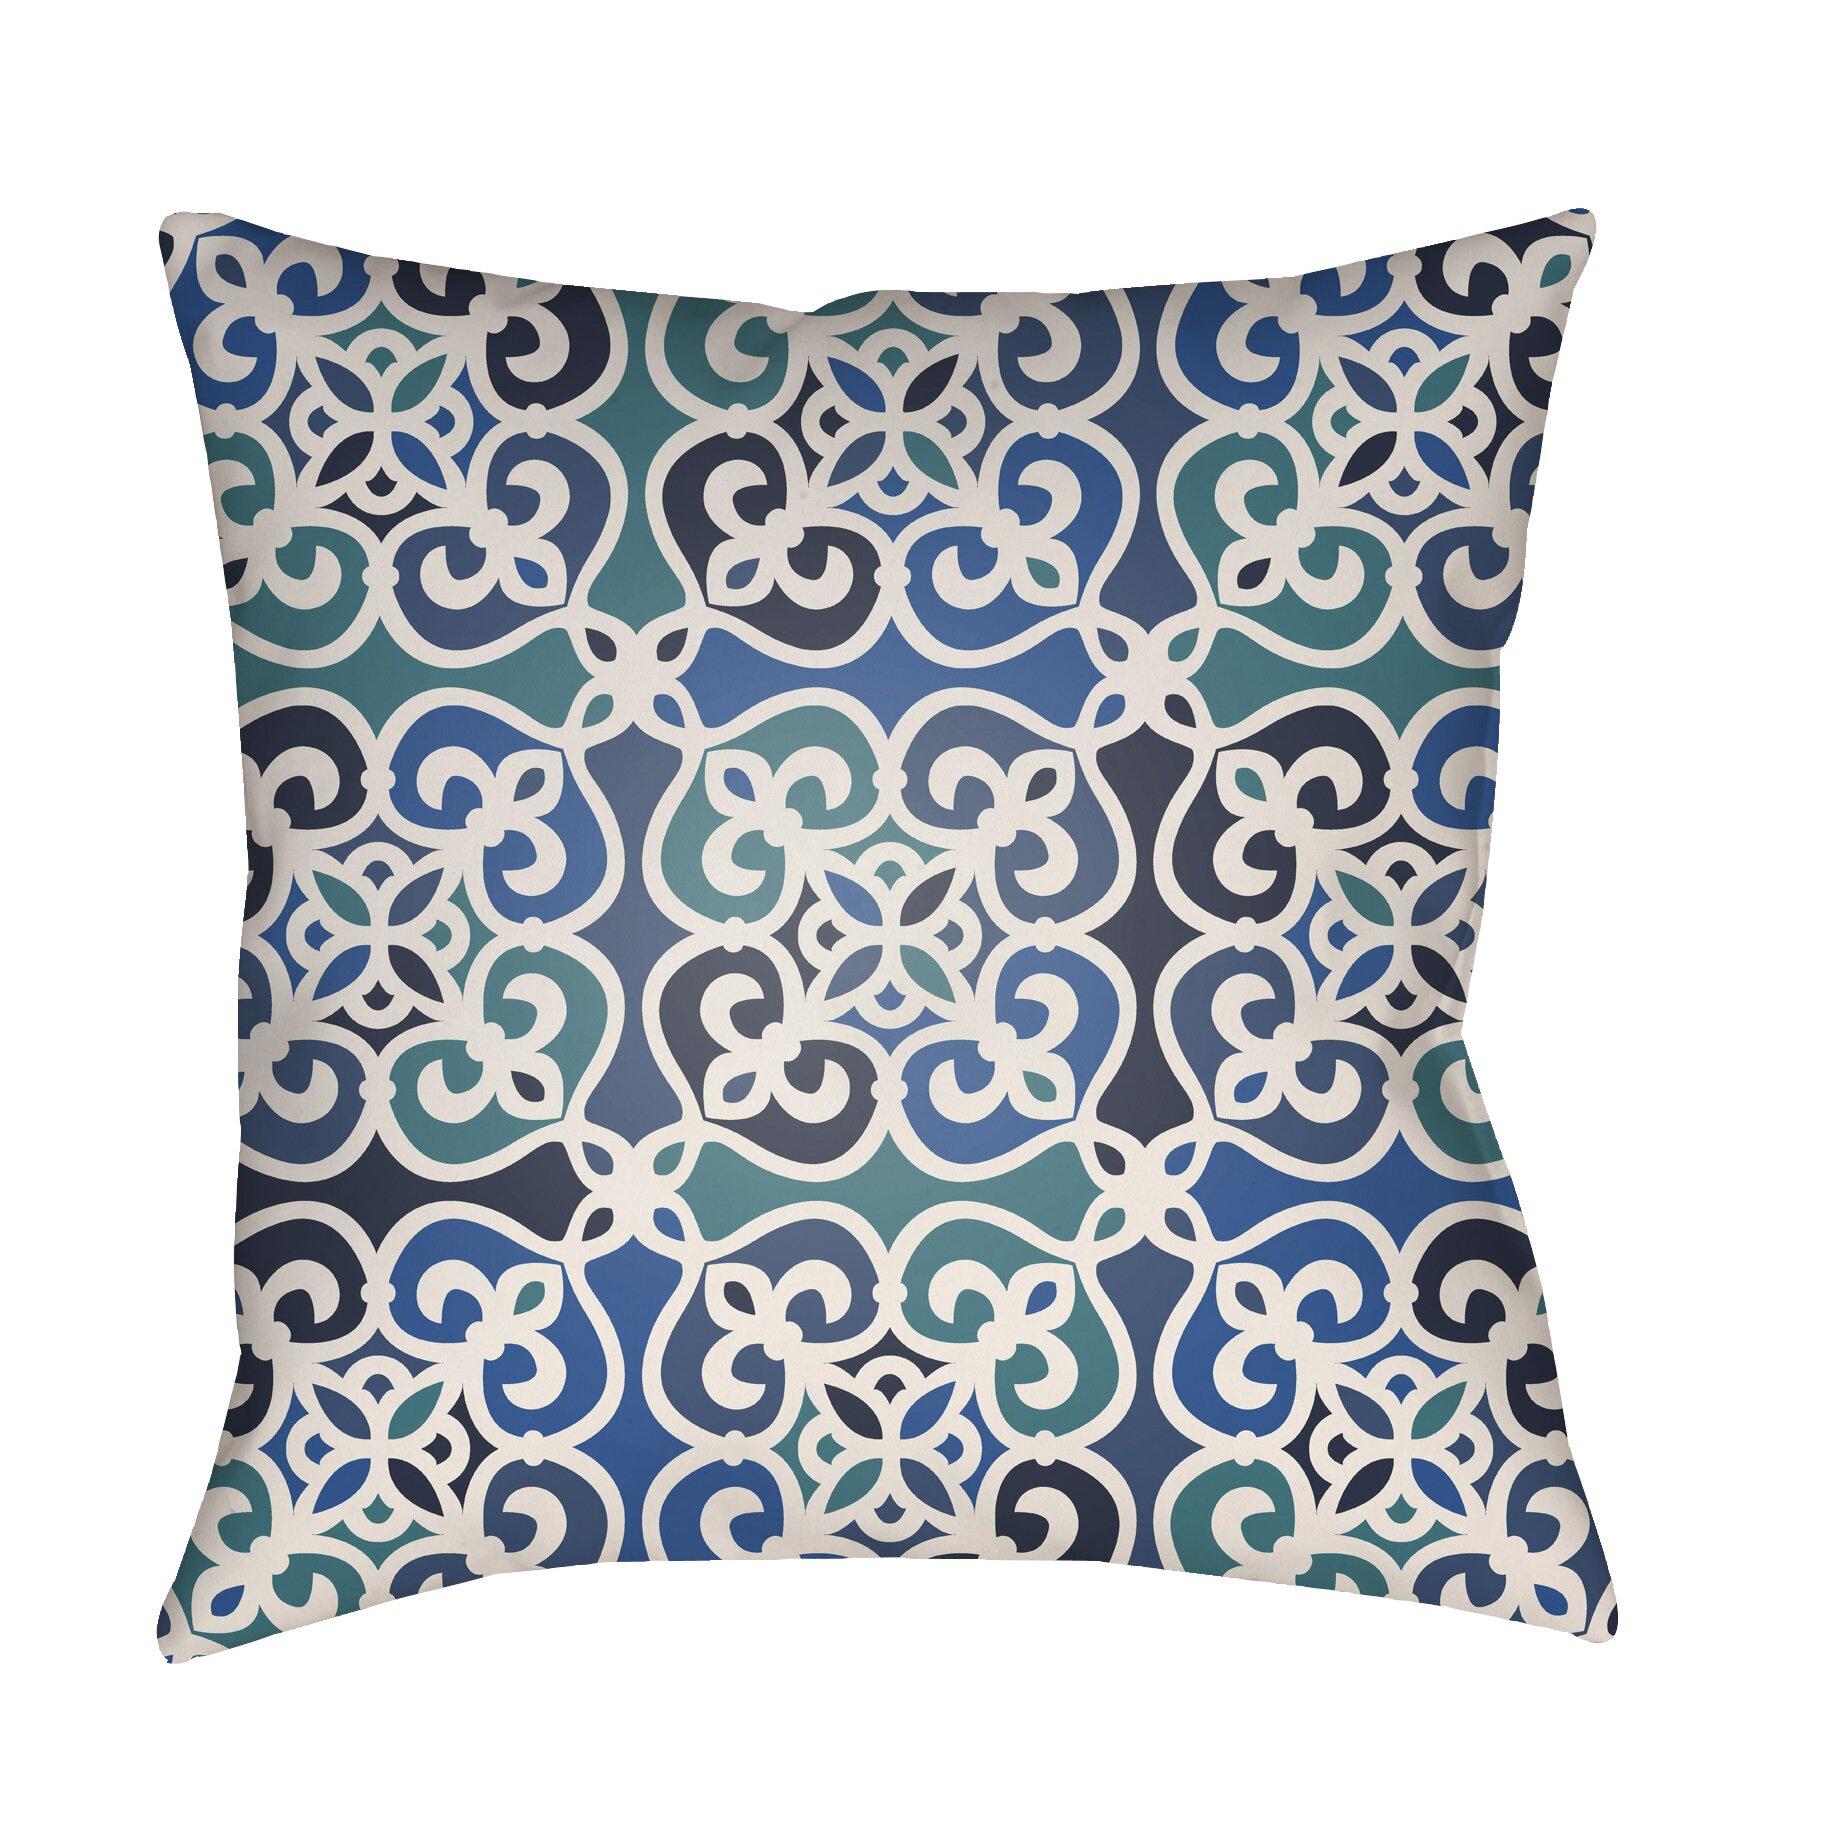 Artistic Weavers Lolita Juliana Indoor/Outdoor Throw Pillow Wayfair.ca